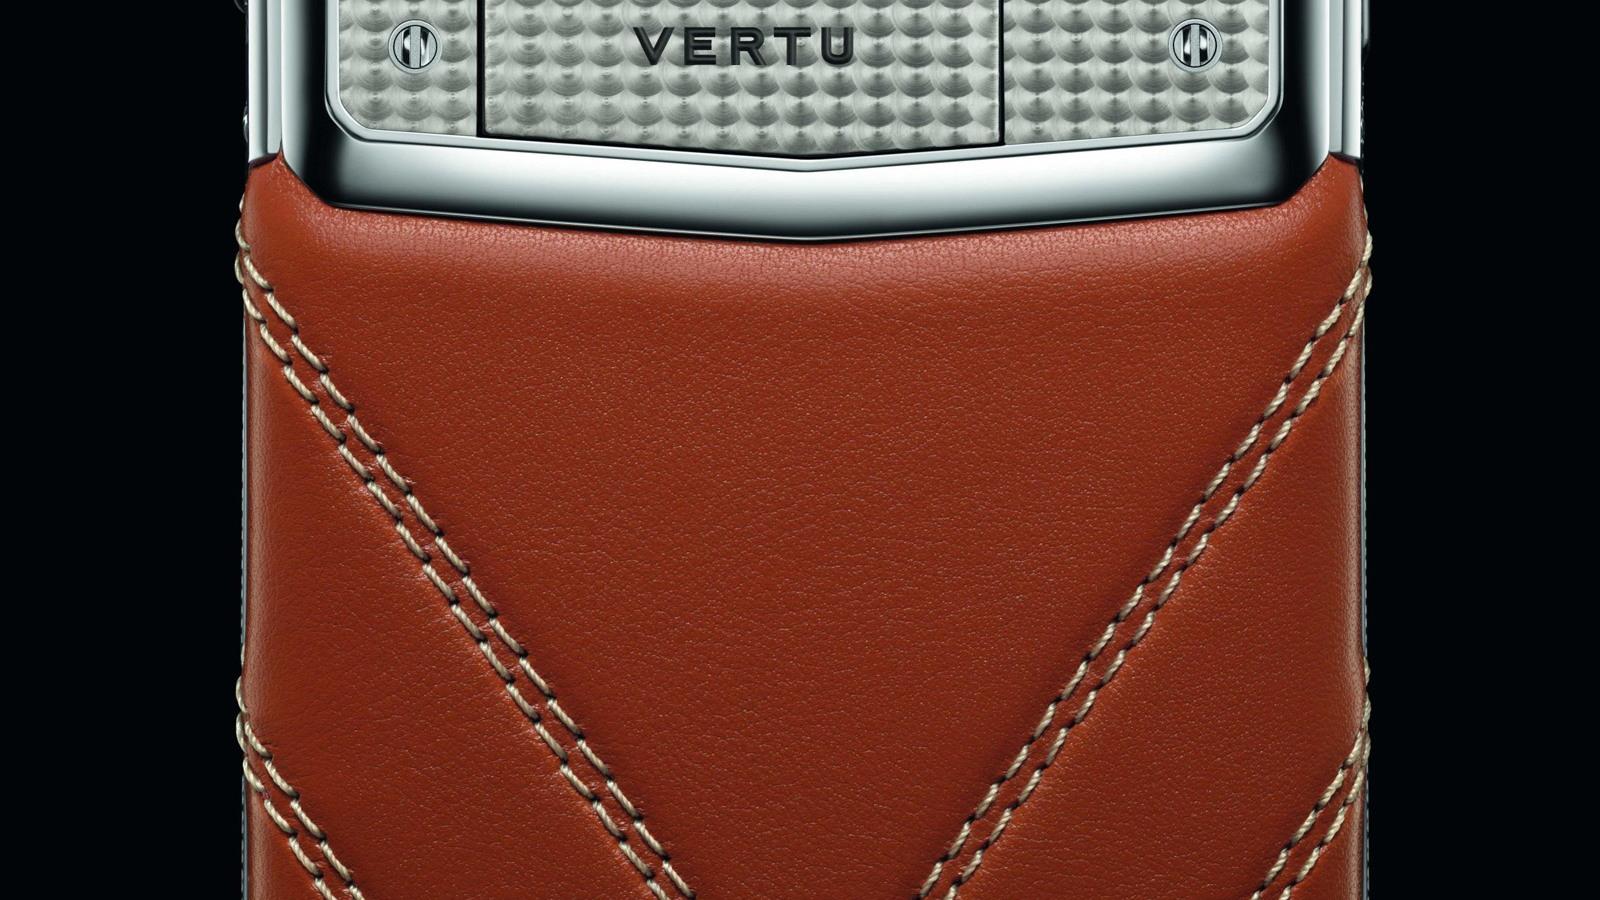 Vertu for Bentley luxury smartphone